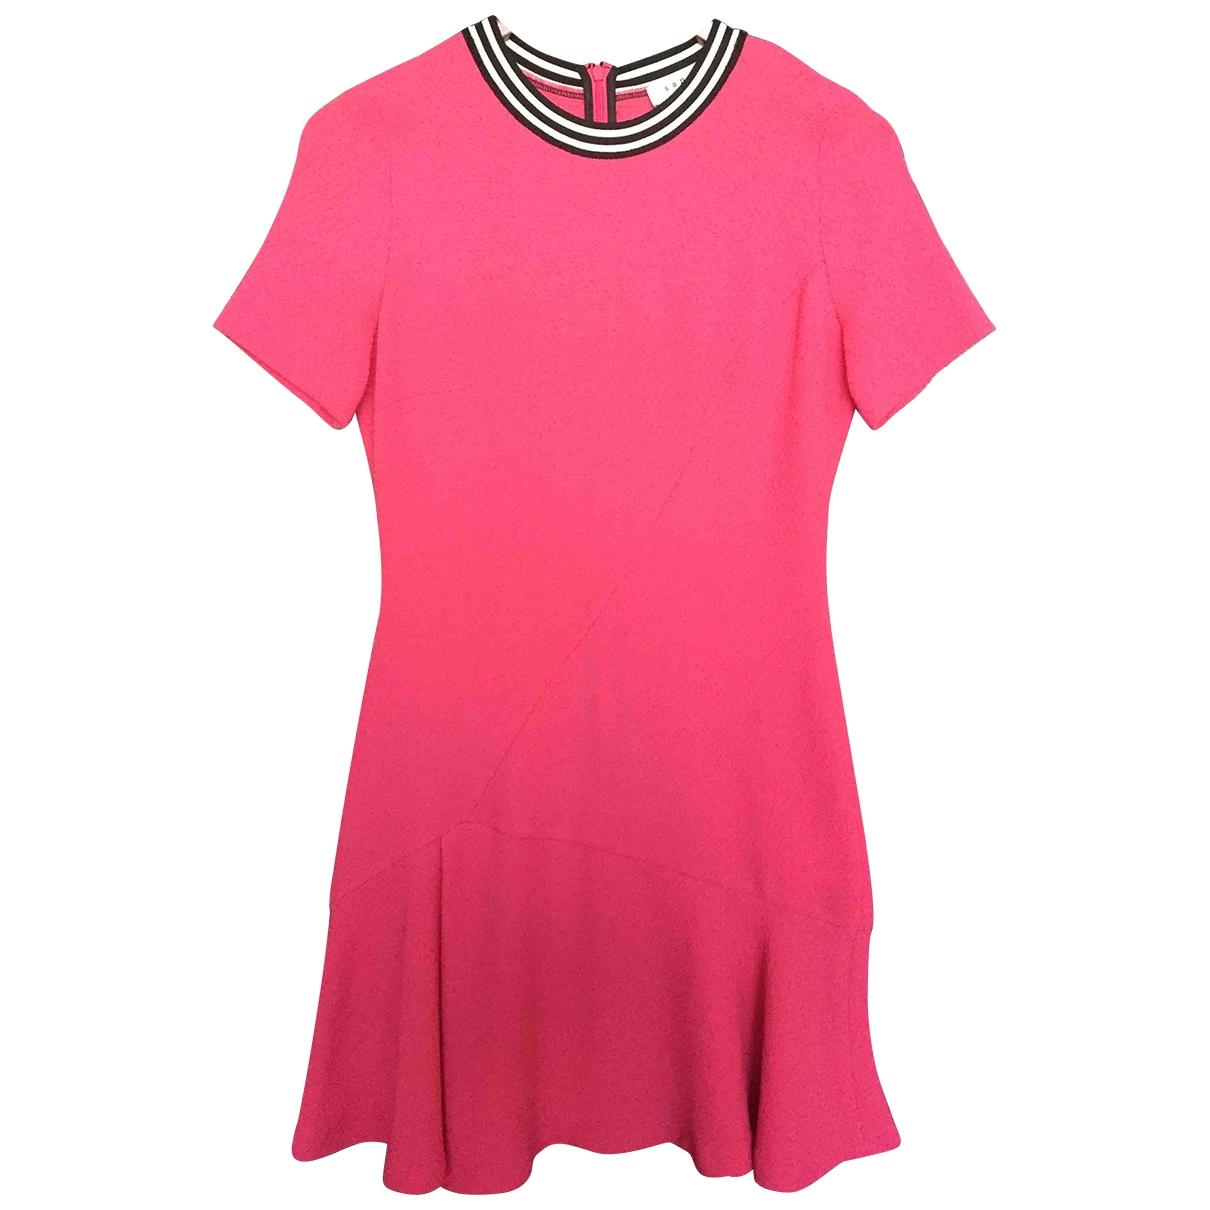 Sandro \N Kleid in  Rosa Polyester